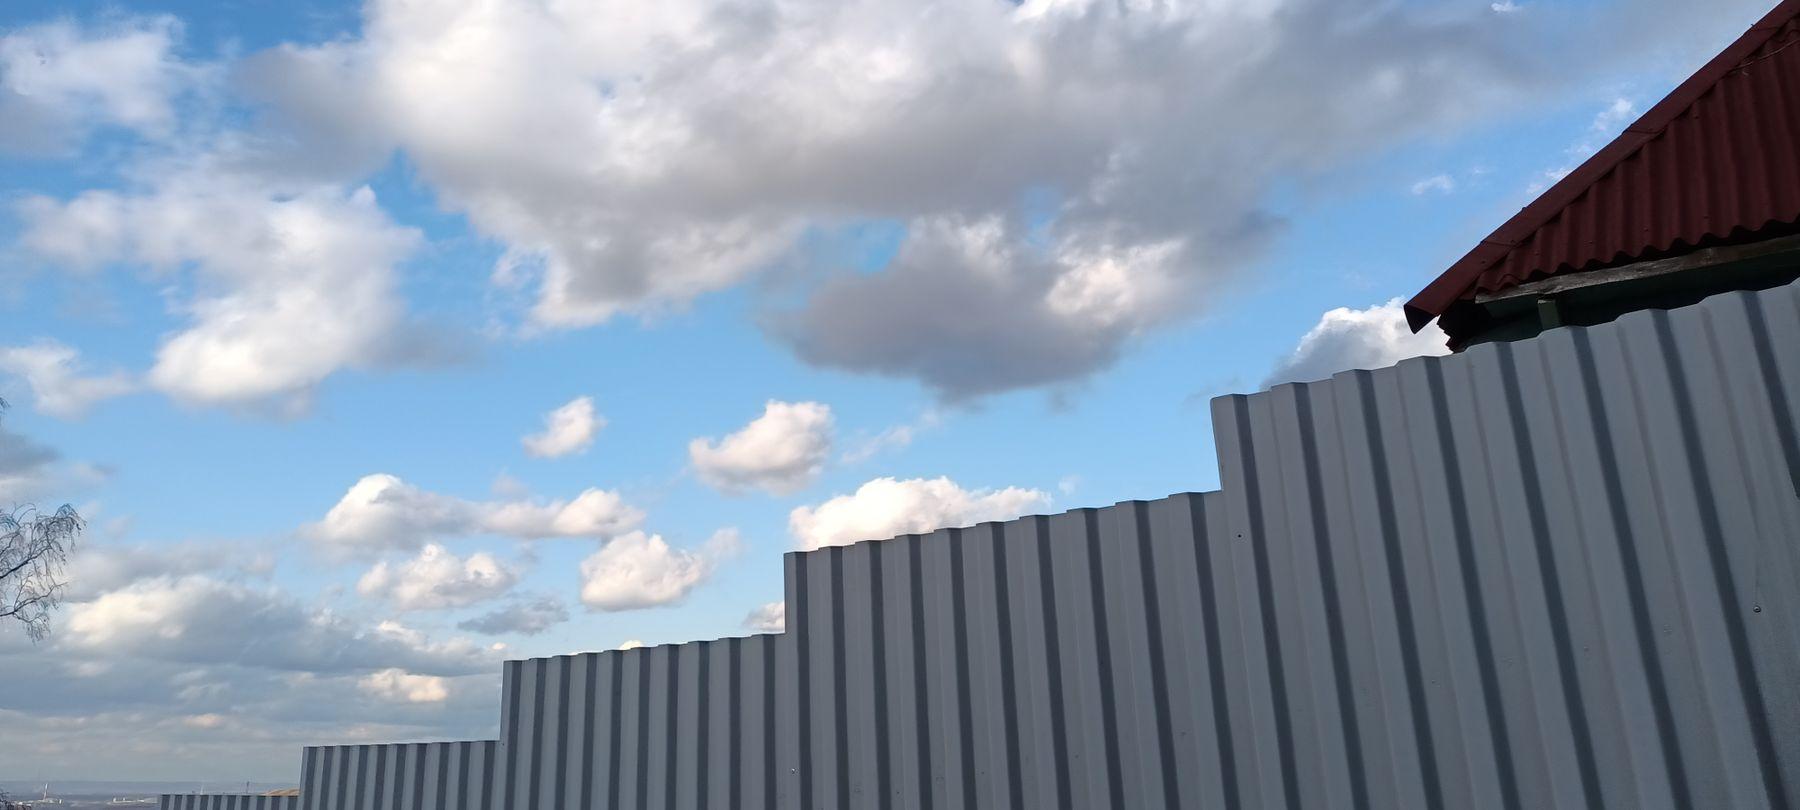 Забор Забор деревня крыша деревянный дом весна небо облака ветви даль